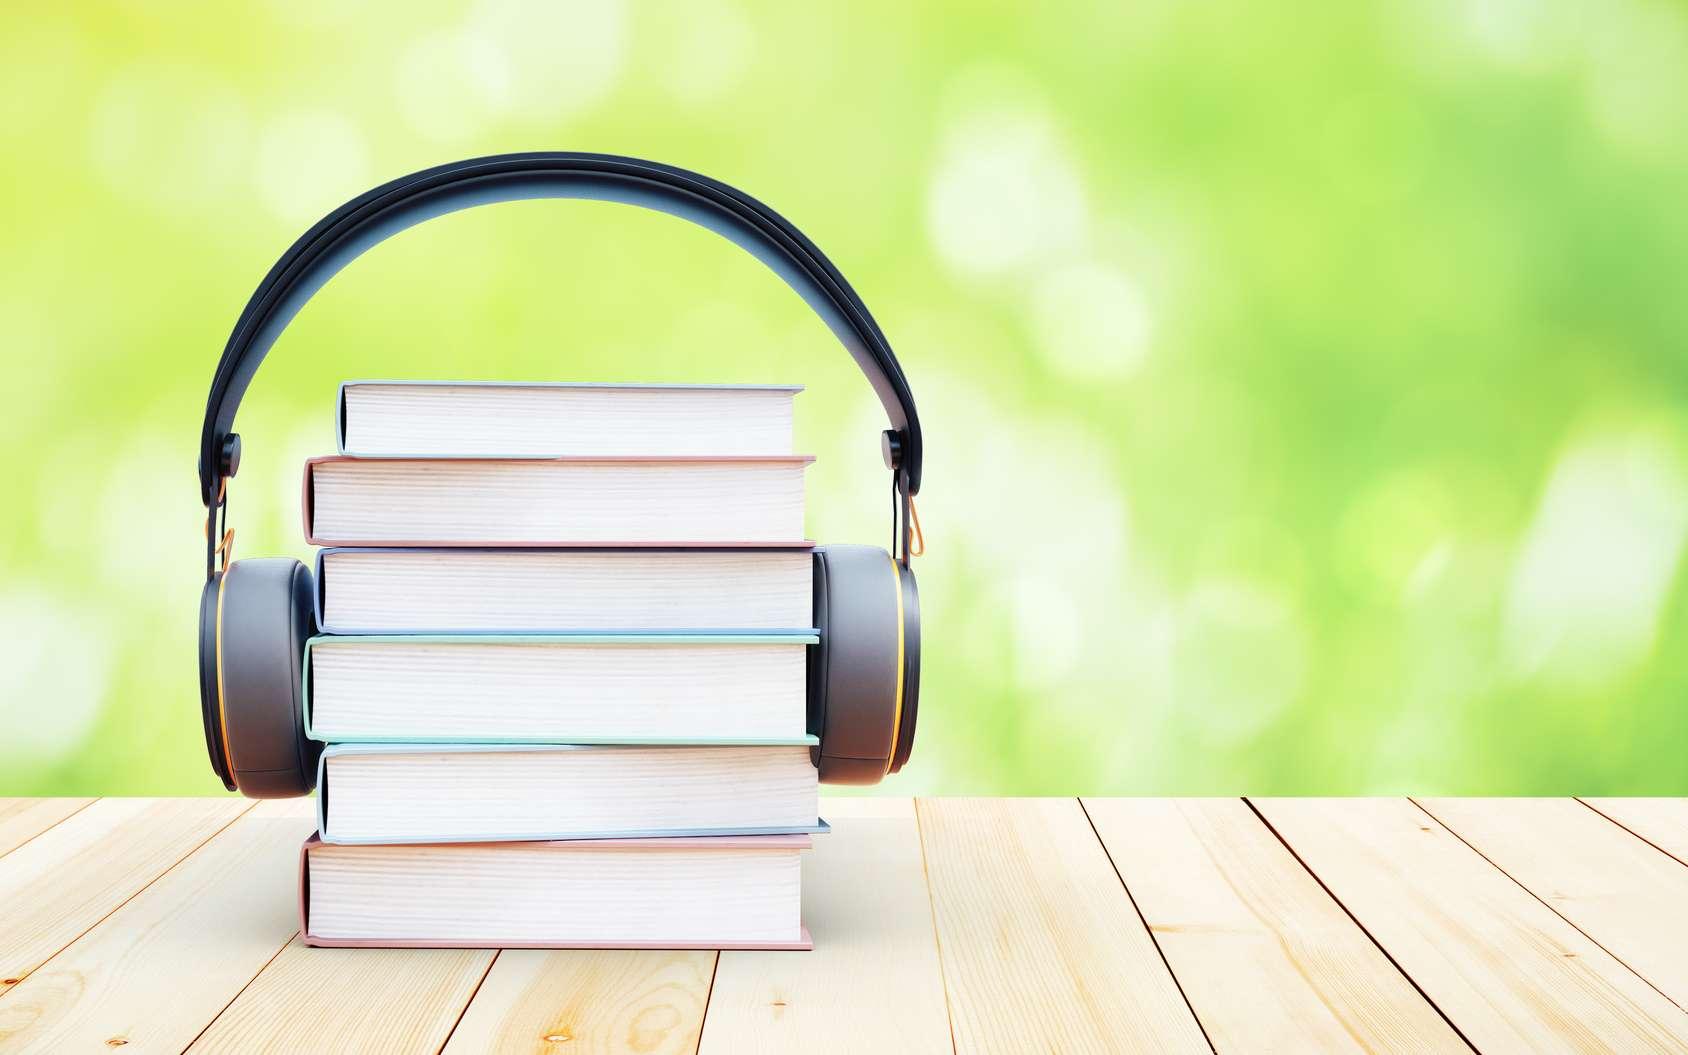 Lire ou écouter, c'est du pareil au même pour le cerveau. © peshkov, Fotolia